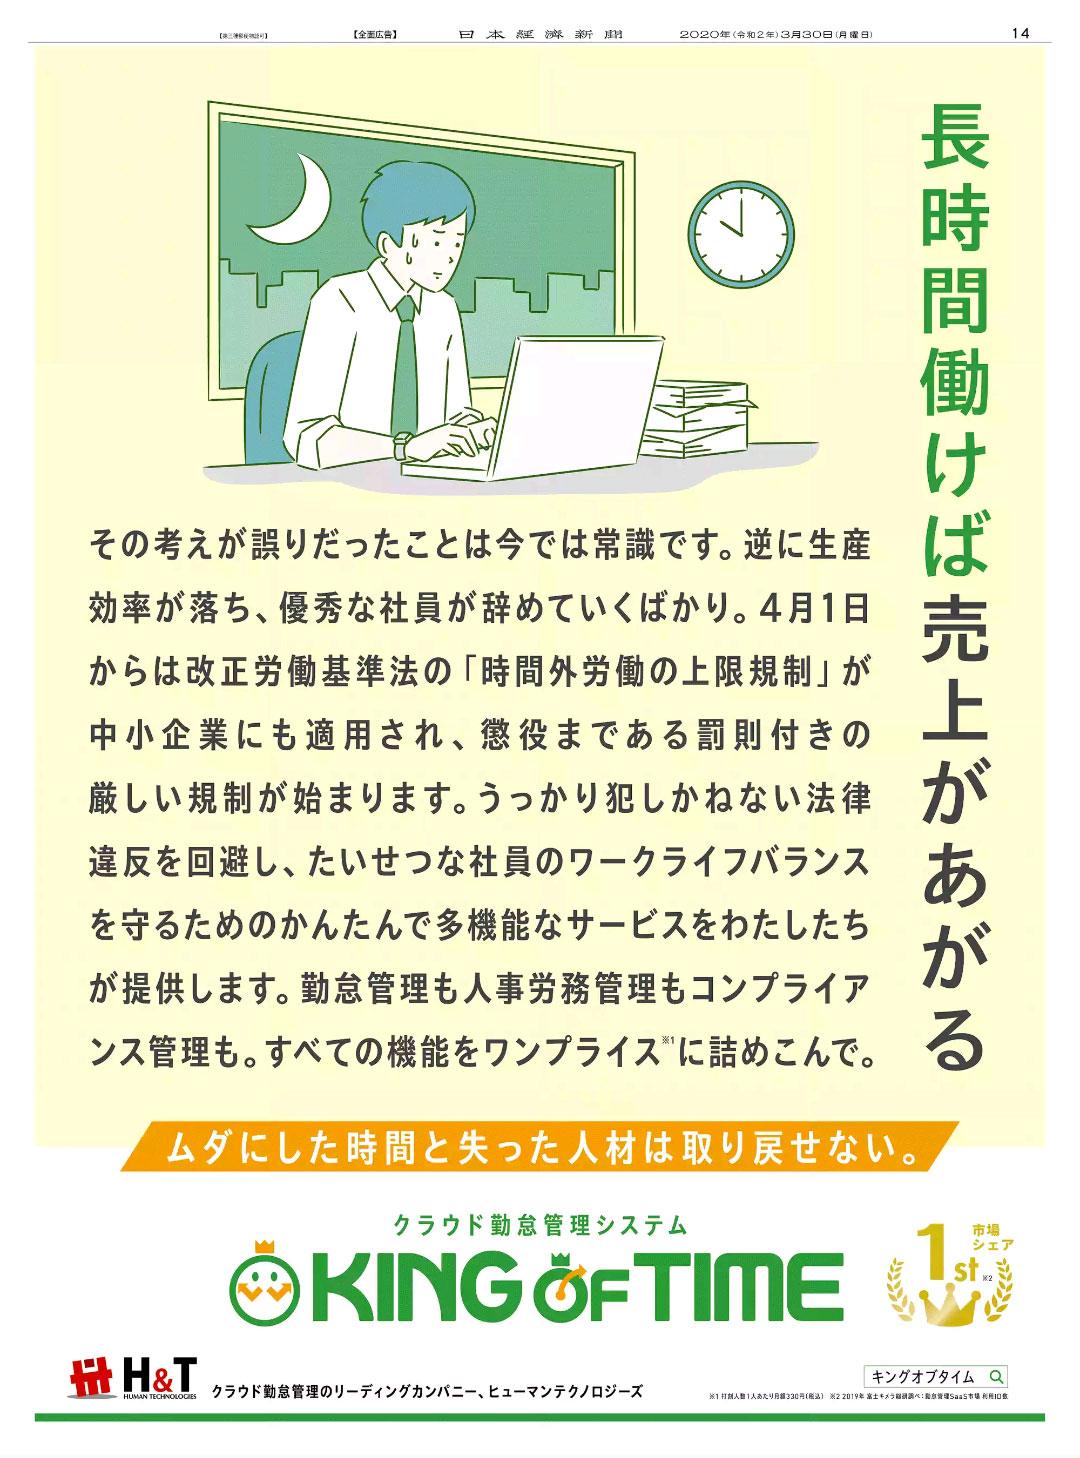 日経新聞、キングオブタイム。